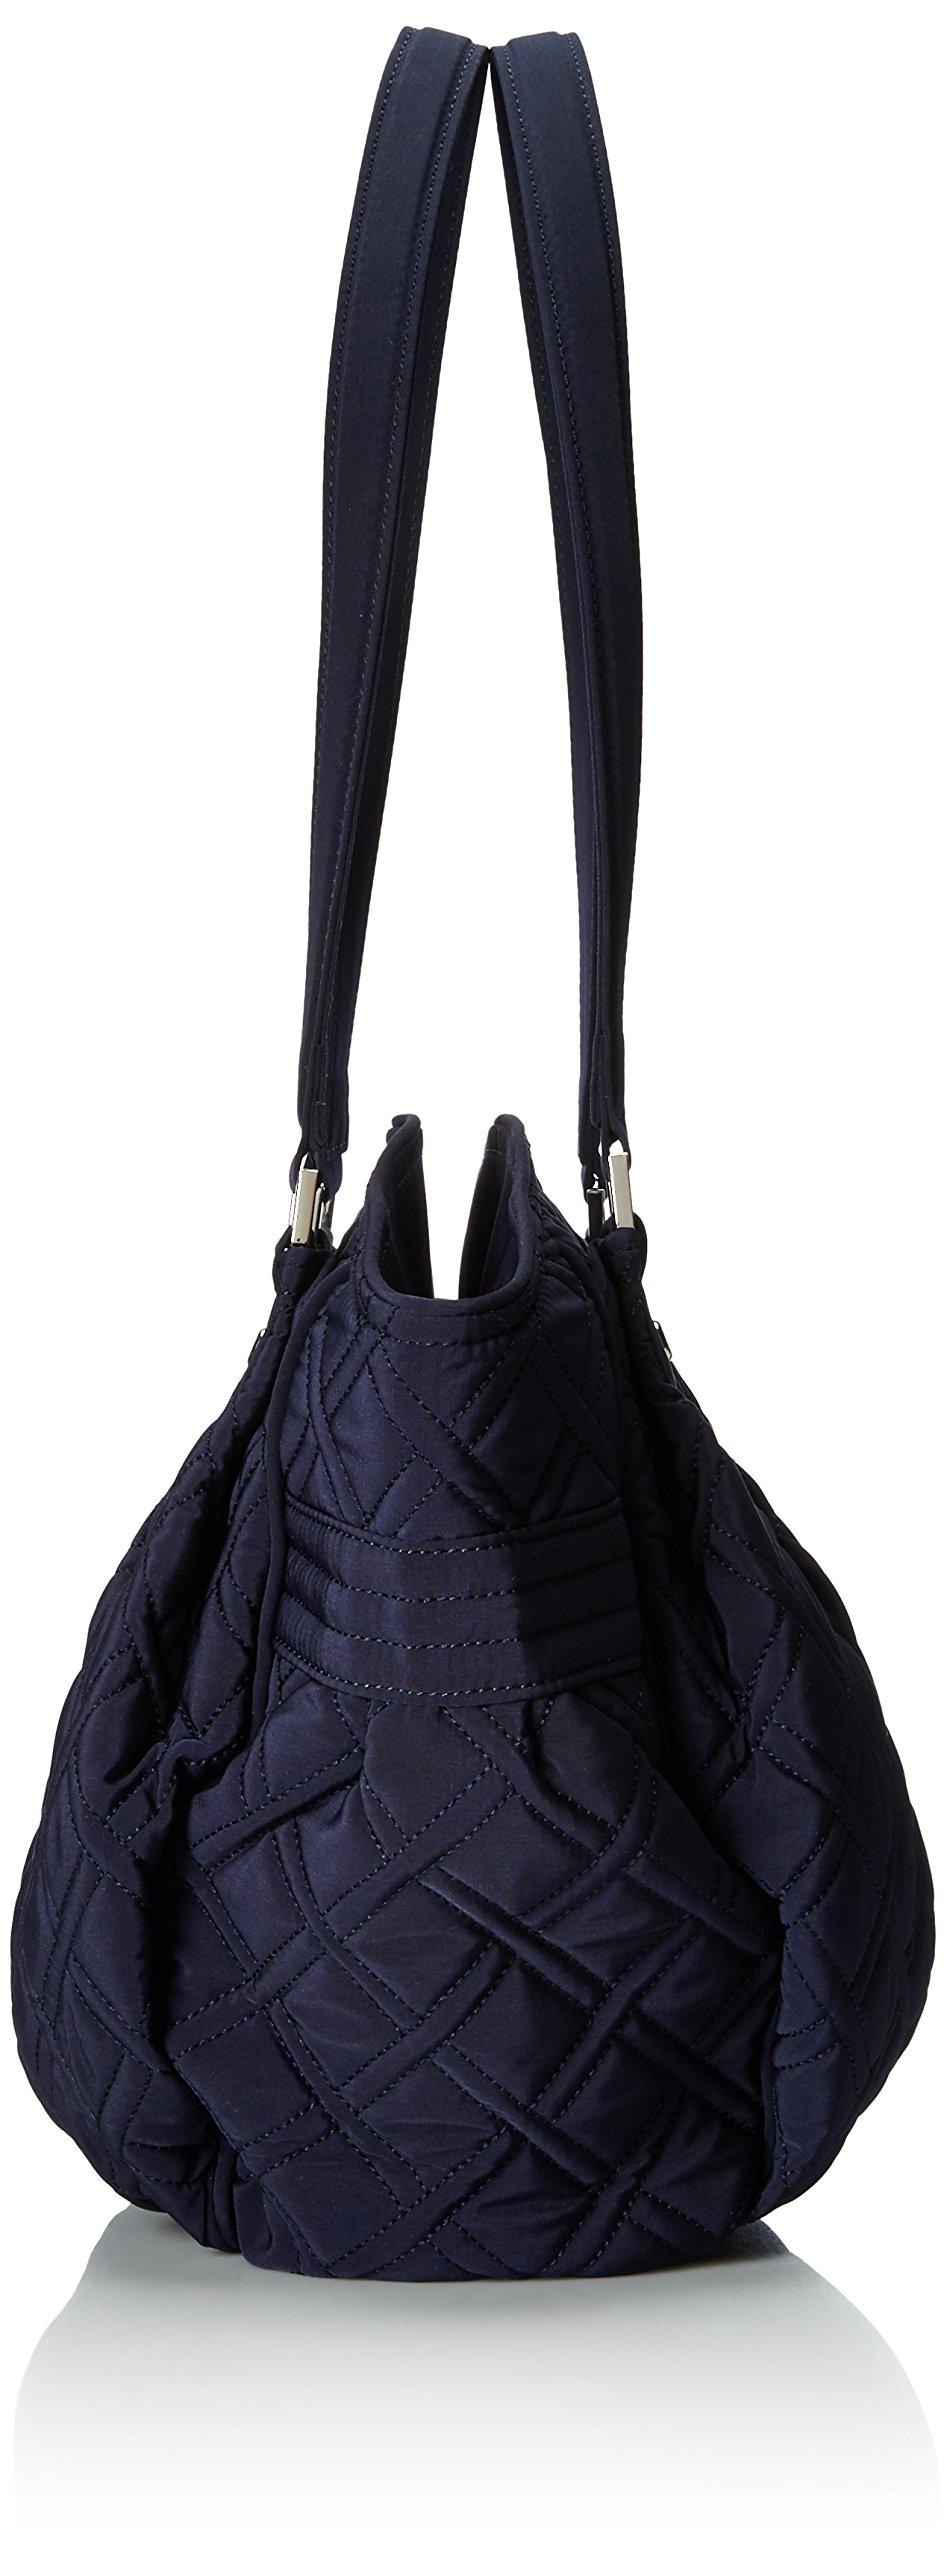 Vera Bradley Glenna 2 Shoulder Bag, Classic Navy, One Size by Vera Bradley (Image #3)